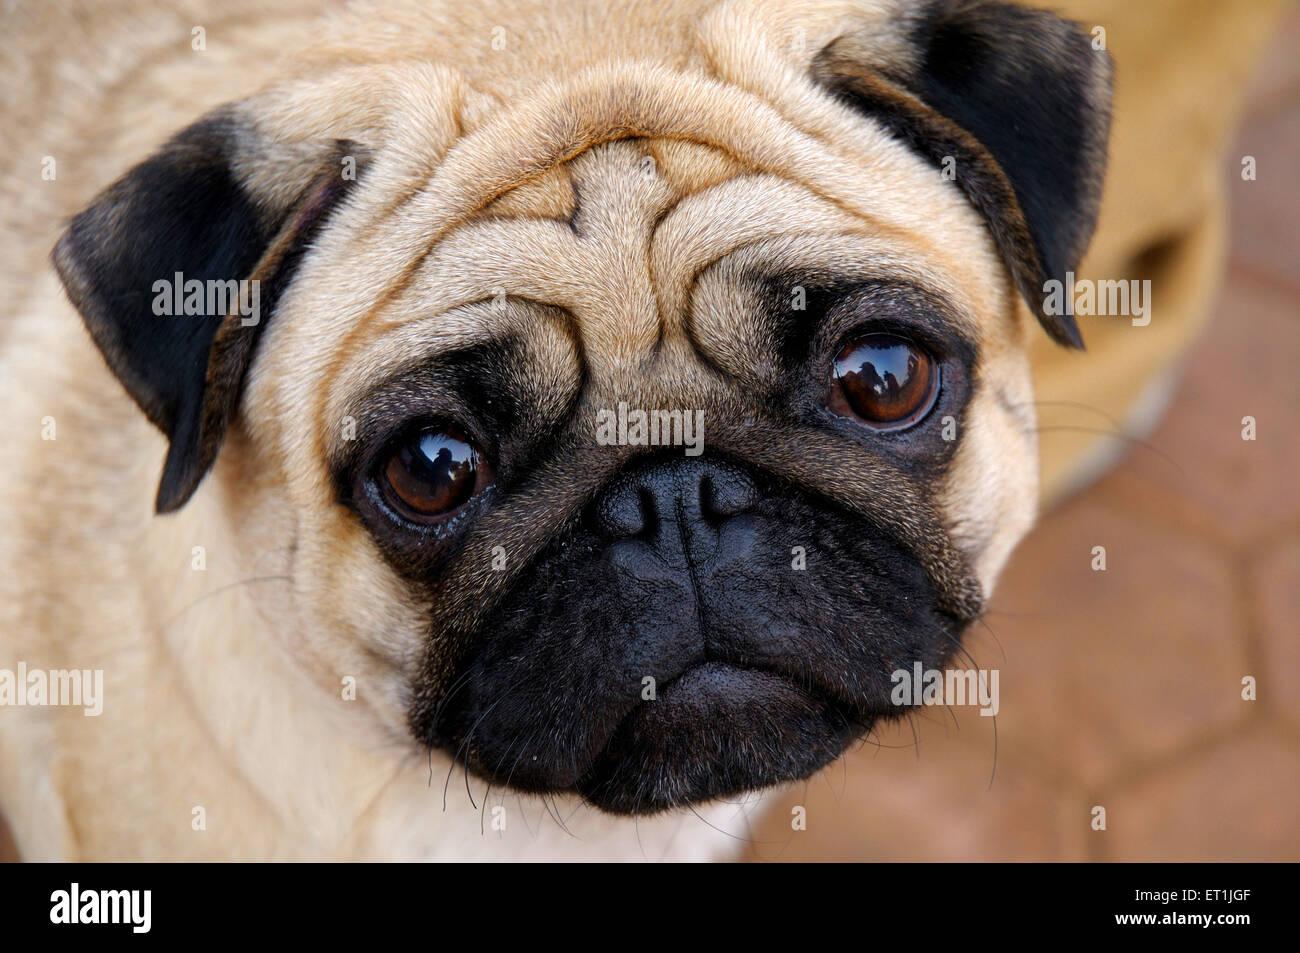 Dog pug ; Pune ; Maharashtra ; India 17 January 2009 - Stock Image